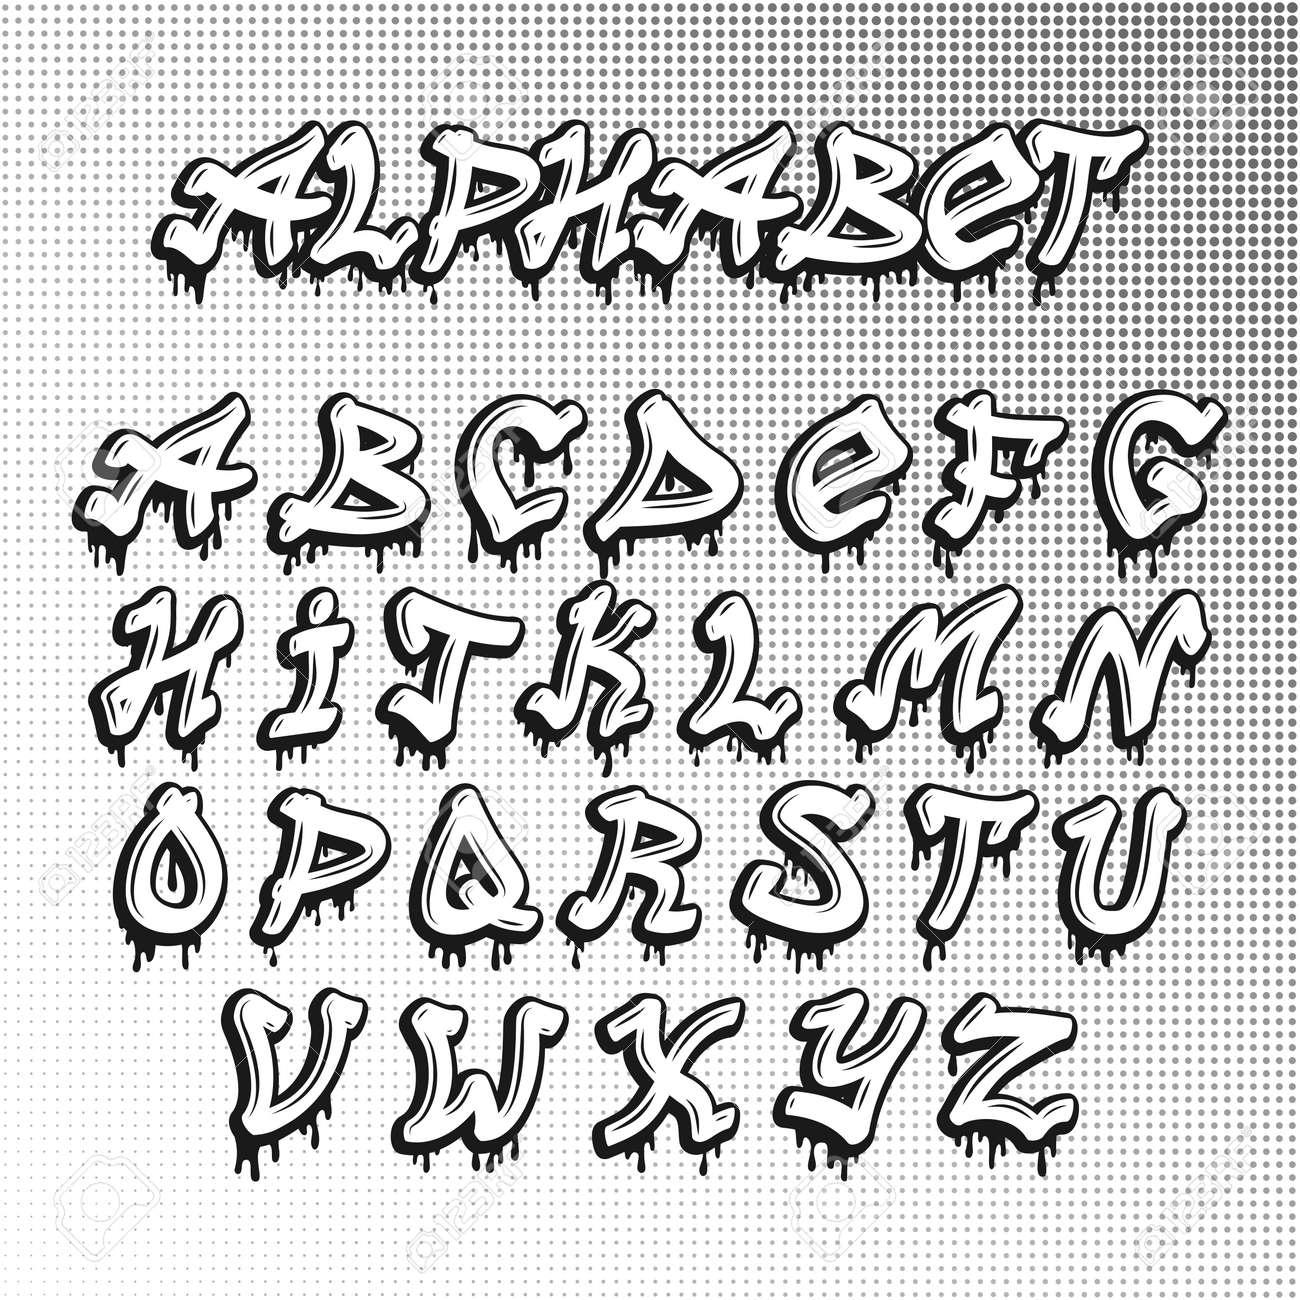 Graffiti Font Alphabet Letters Urban Paint Sketch Artistic Letter